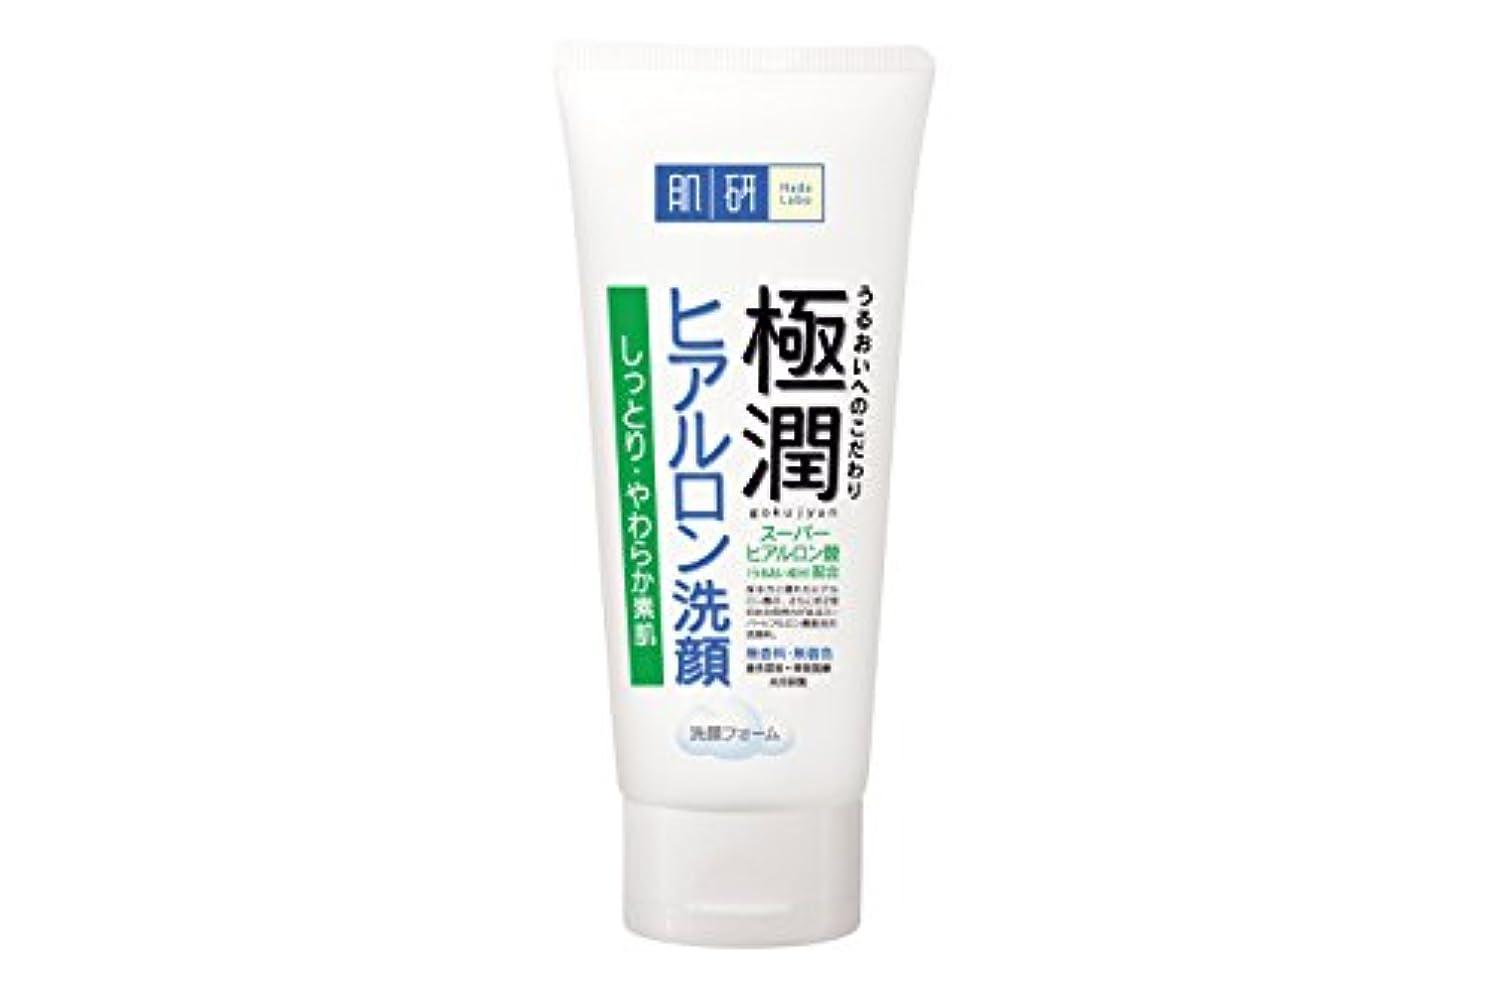 データオールしがみつく肌研(ハダラボ) 極潤 ヒアルロン 洗顔フォーム 100g [並行輸入品]